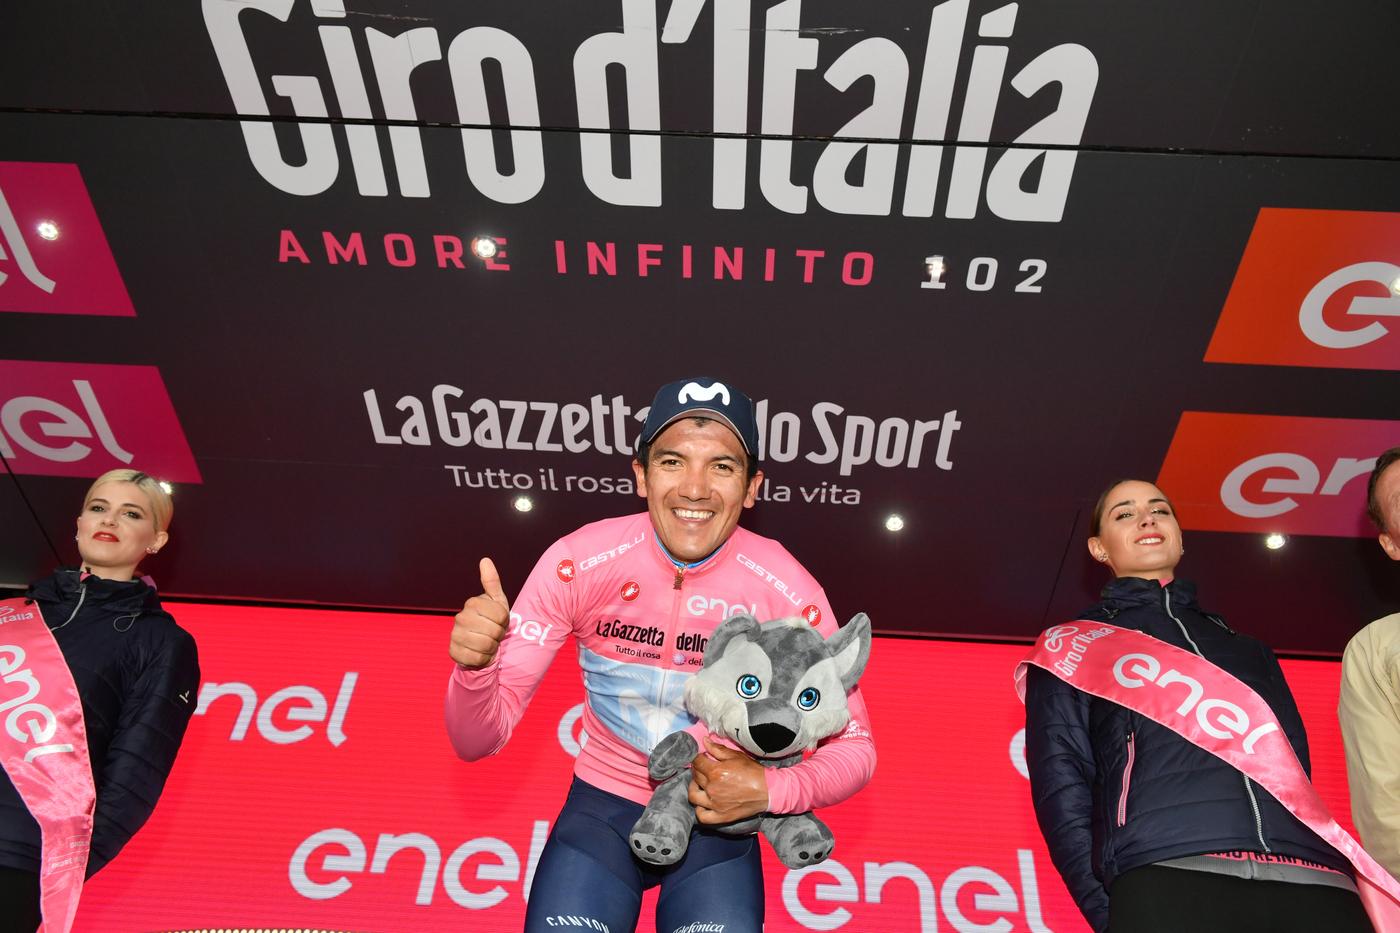 Calendario Gare Ciclismo 2020.Calendario Ciclismo 2020 Dalle Olimpiadi Al Giro D Italia